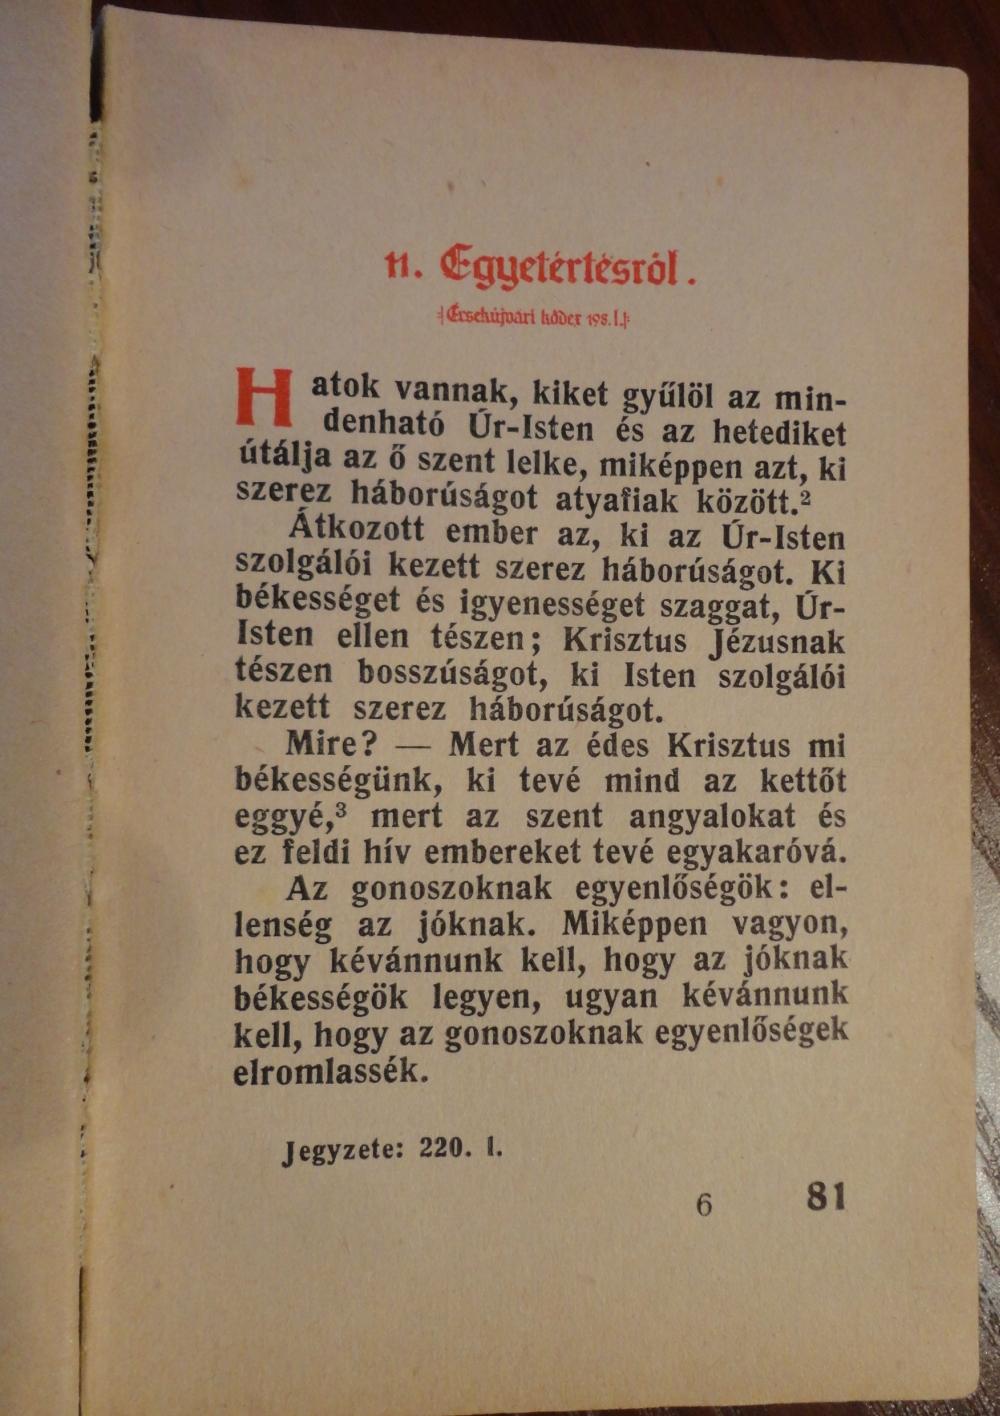 Egy oldal A jó élet módja c. könyvből (Szent István Társulat, 1943.)